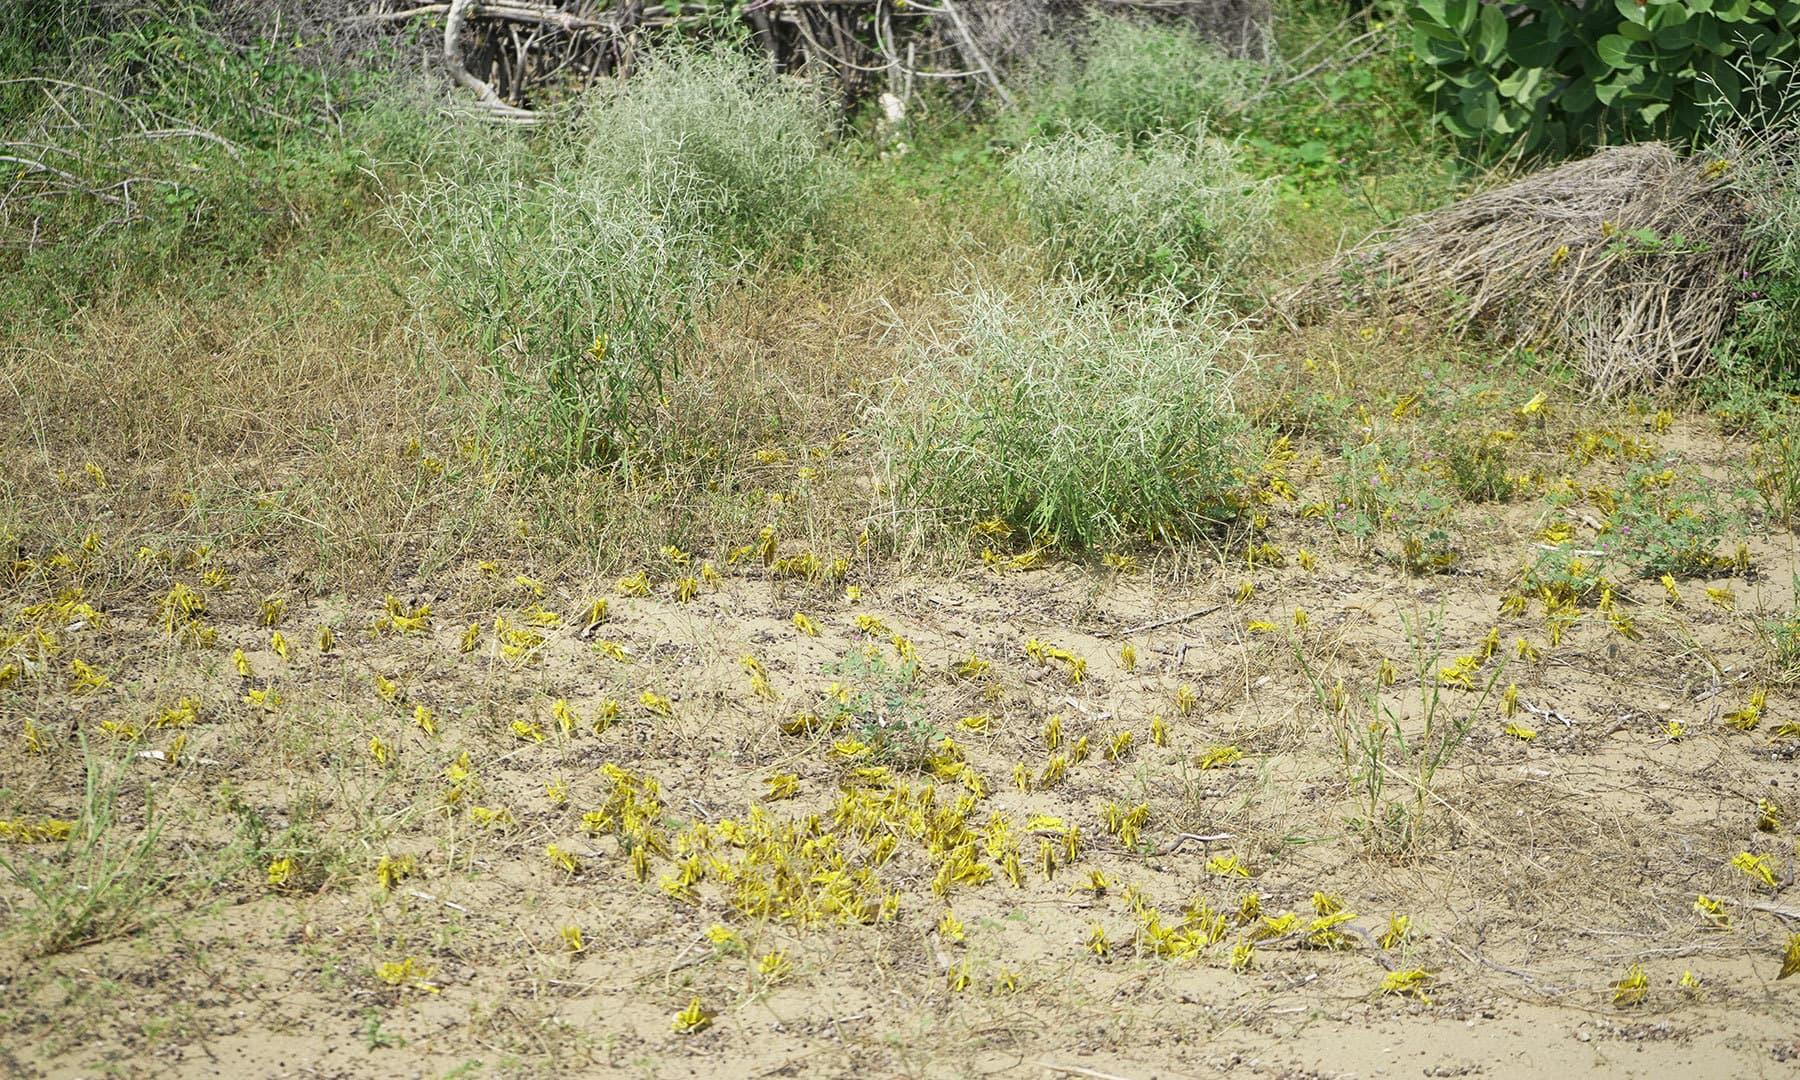 چھاچھرو سمیت تھرپارکر کے دیگر حصوں میں موجود کھیتوں پر ٹڈیوں کے گروہ دیکھے جاسکتے ہیں